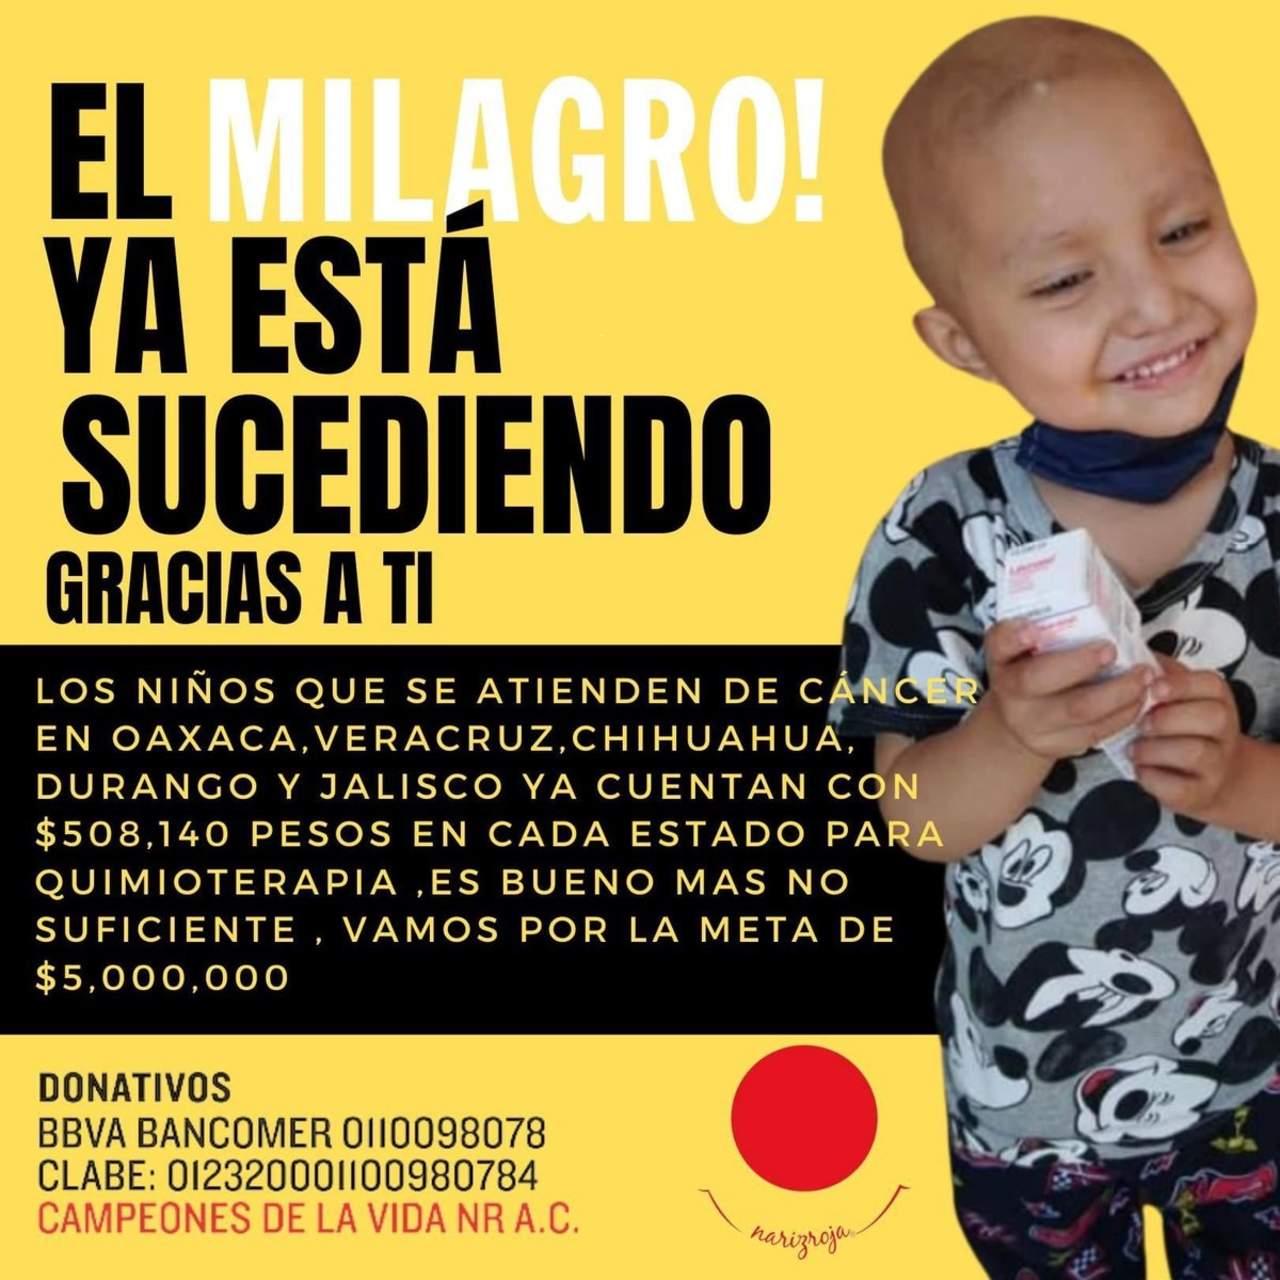 Sigue el llamado para apoyar a niños con cáncer